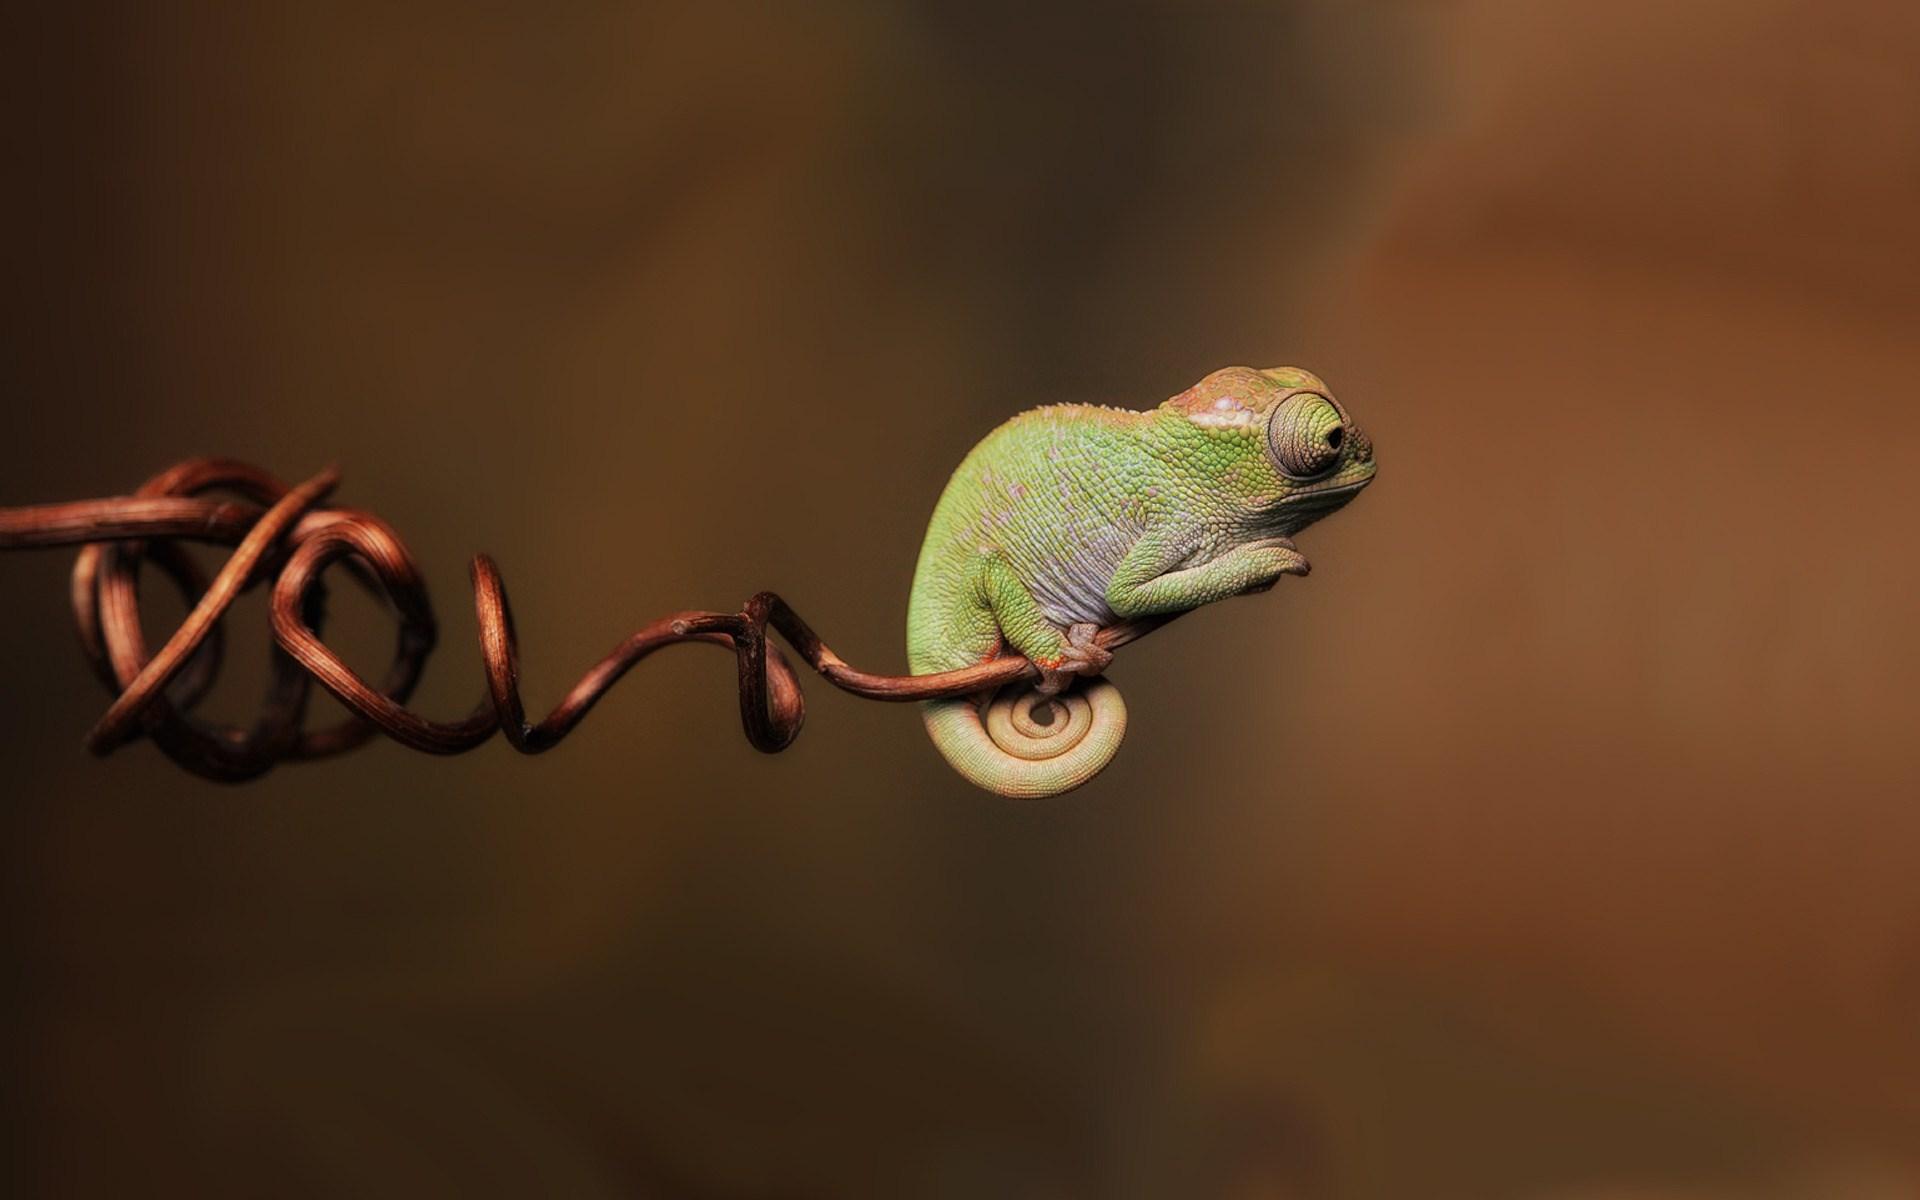 ... Twig Image ...